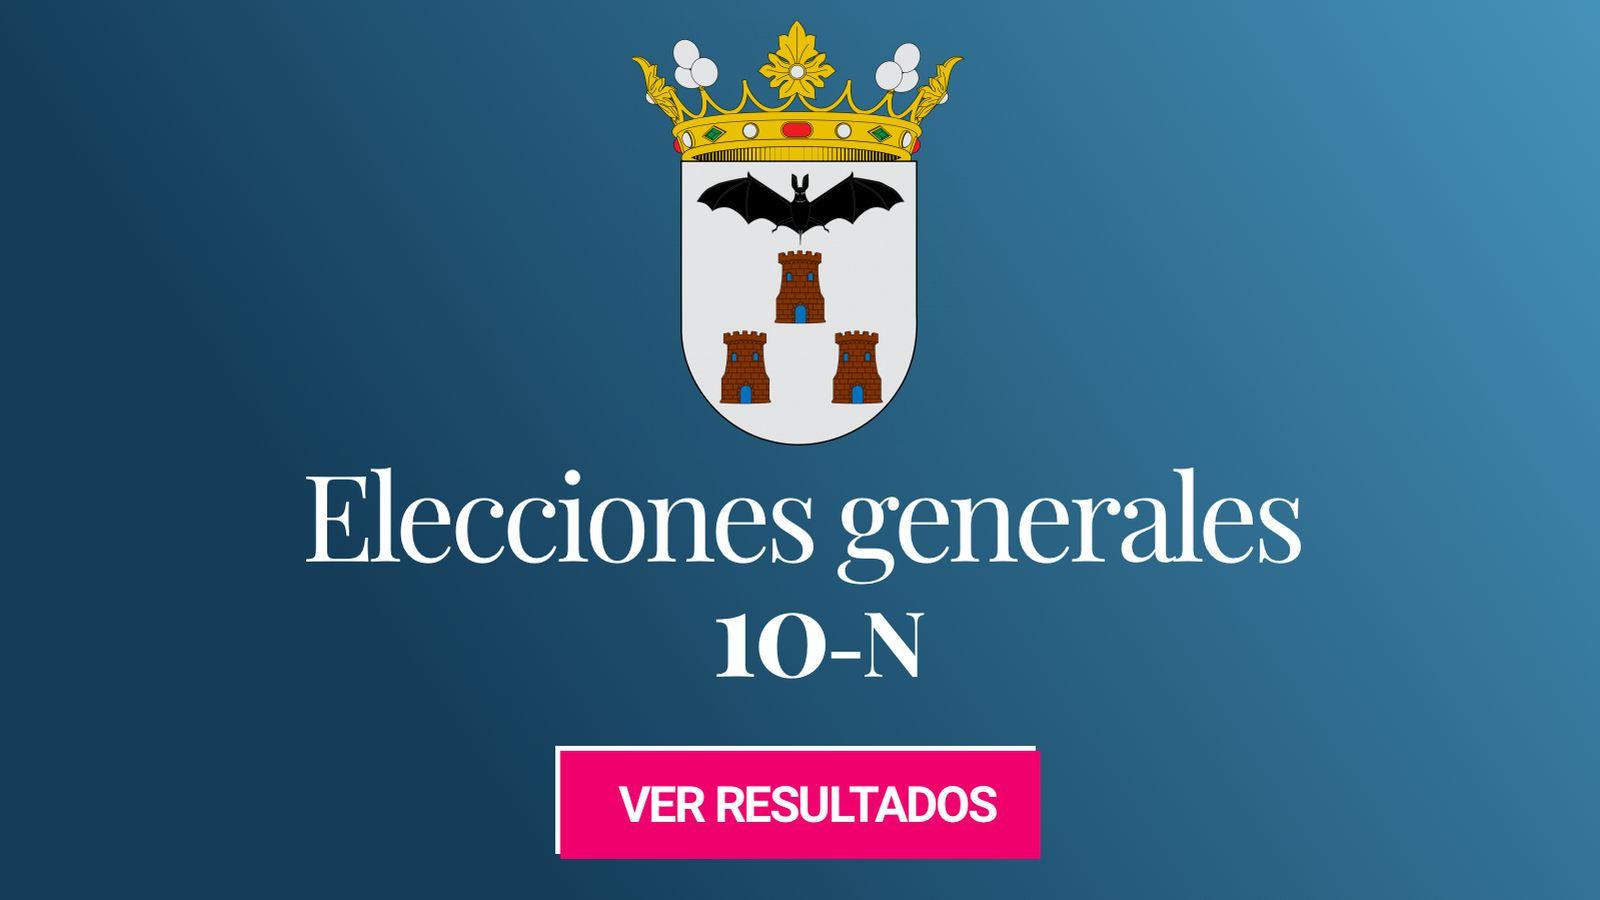 Foto: Elecciones generales 2019 en Albacete. (C.C./EC)